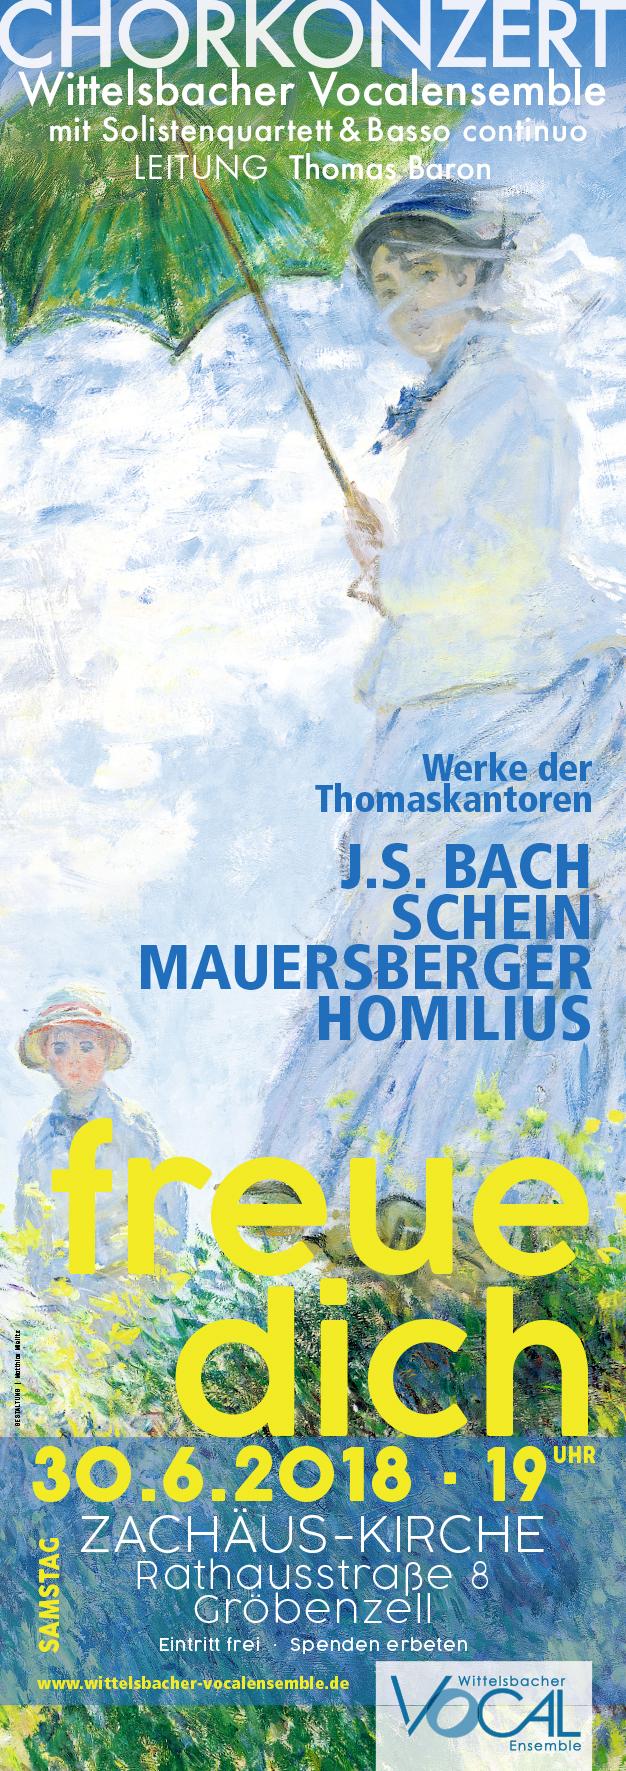 Die bisherigen Konzertprogramme - Wittelsbacher Vocalensemble